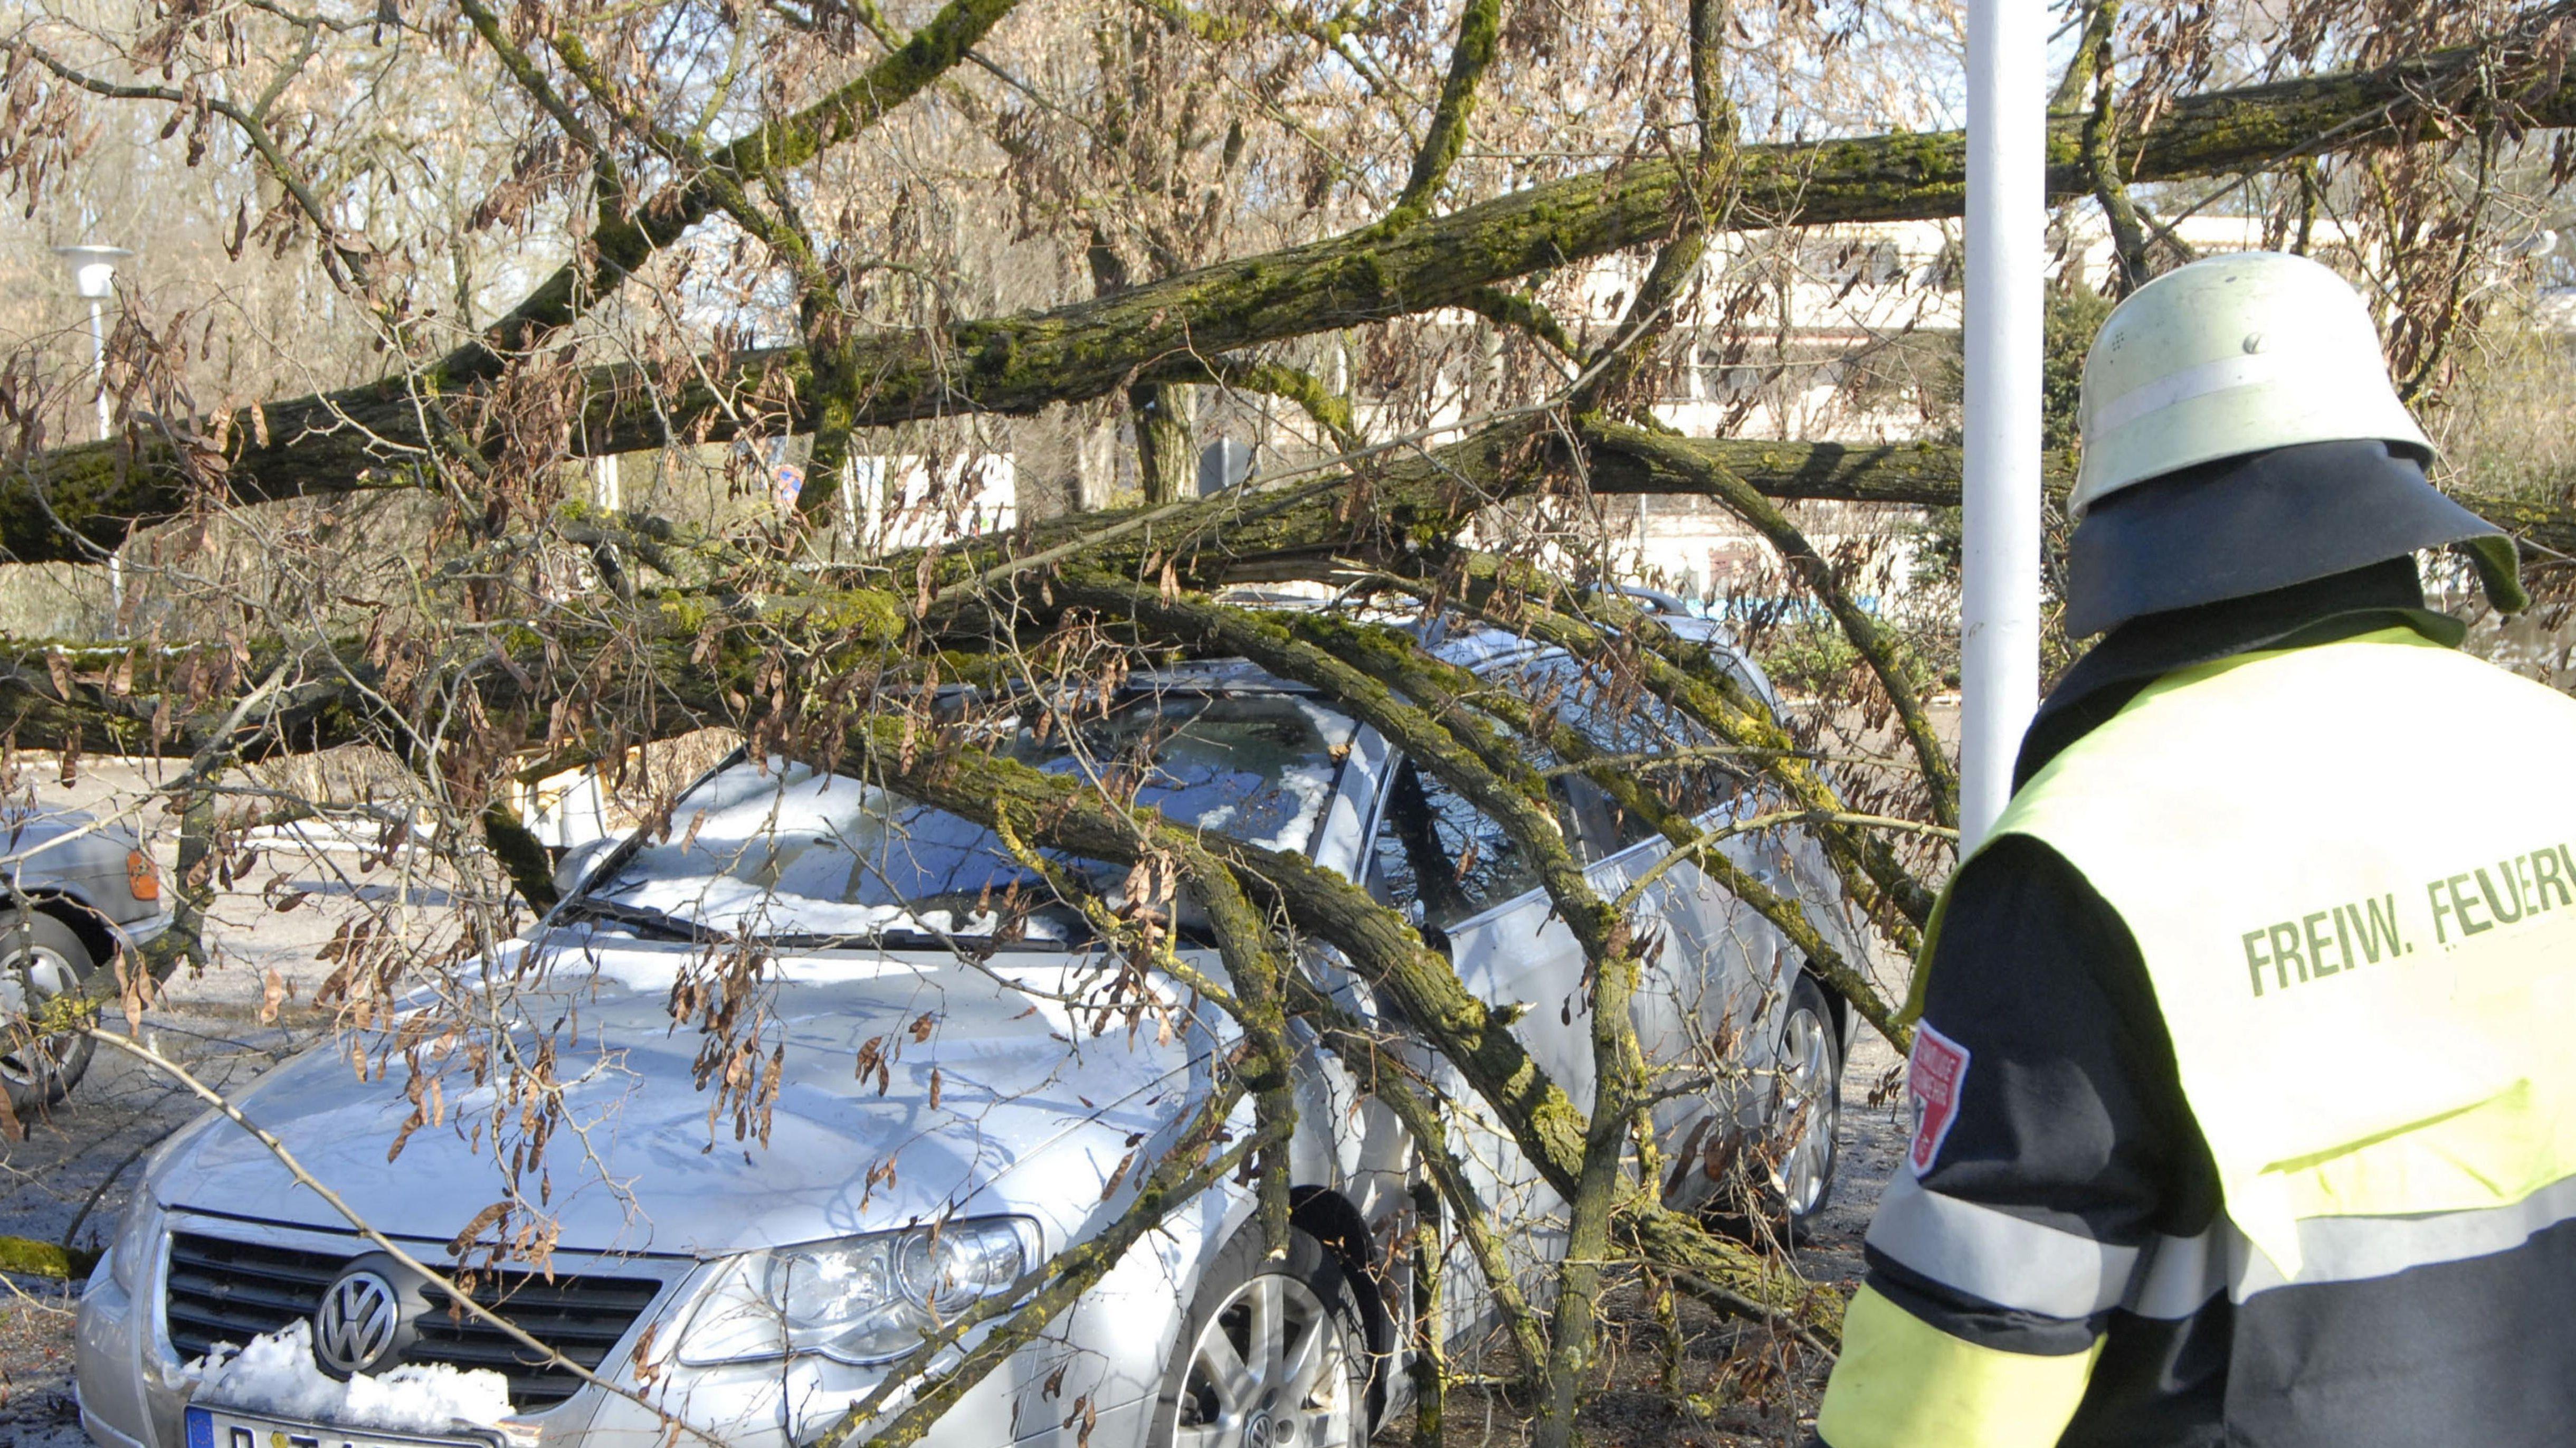 Baum liegt auf einem silbernen Kleinwagen. Daneben steht ein Mann von der Freiwilligen Feuerwehr.